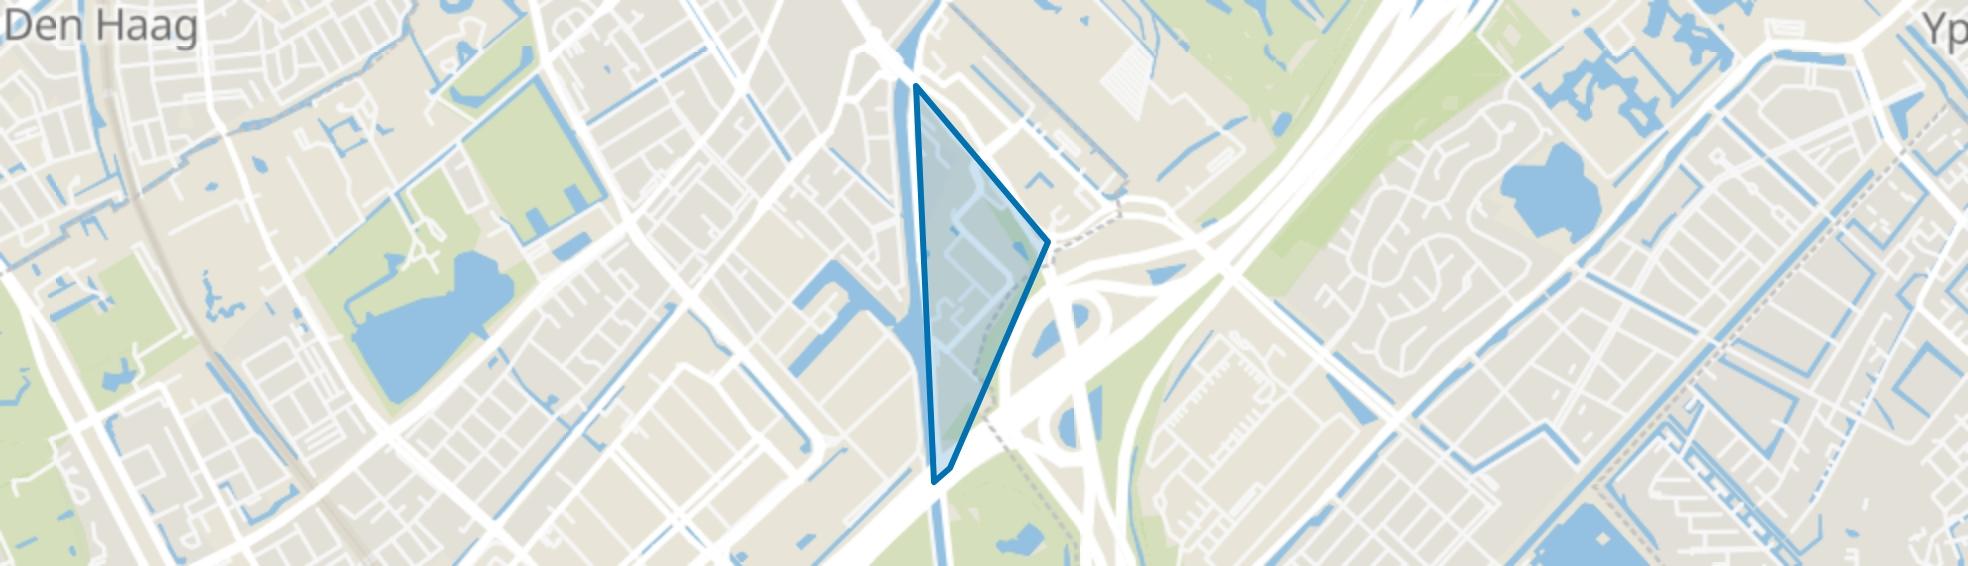 Broekpolder, Rijswijk (ZH) map